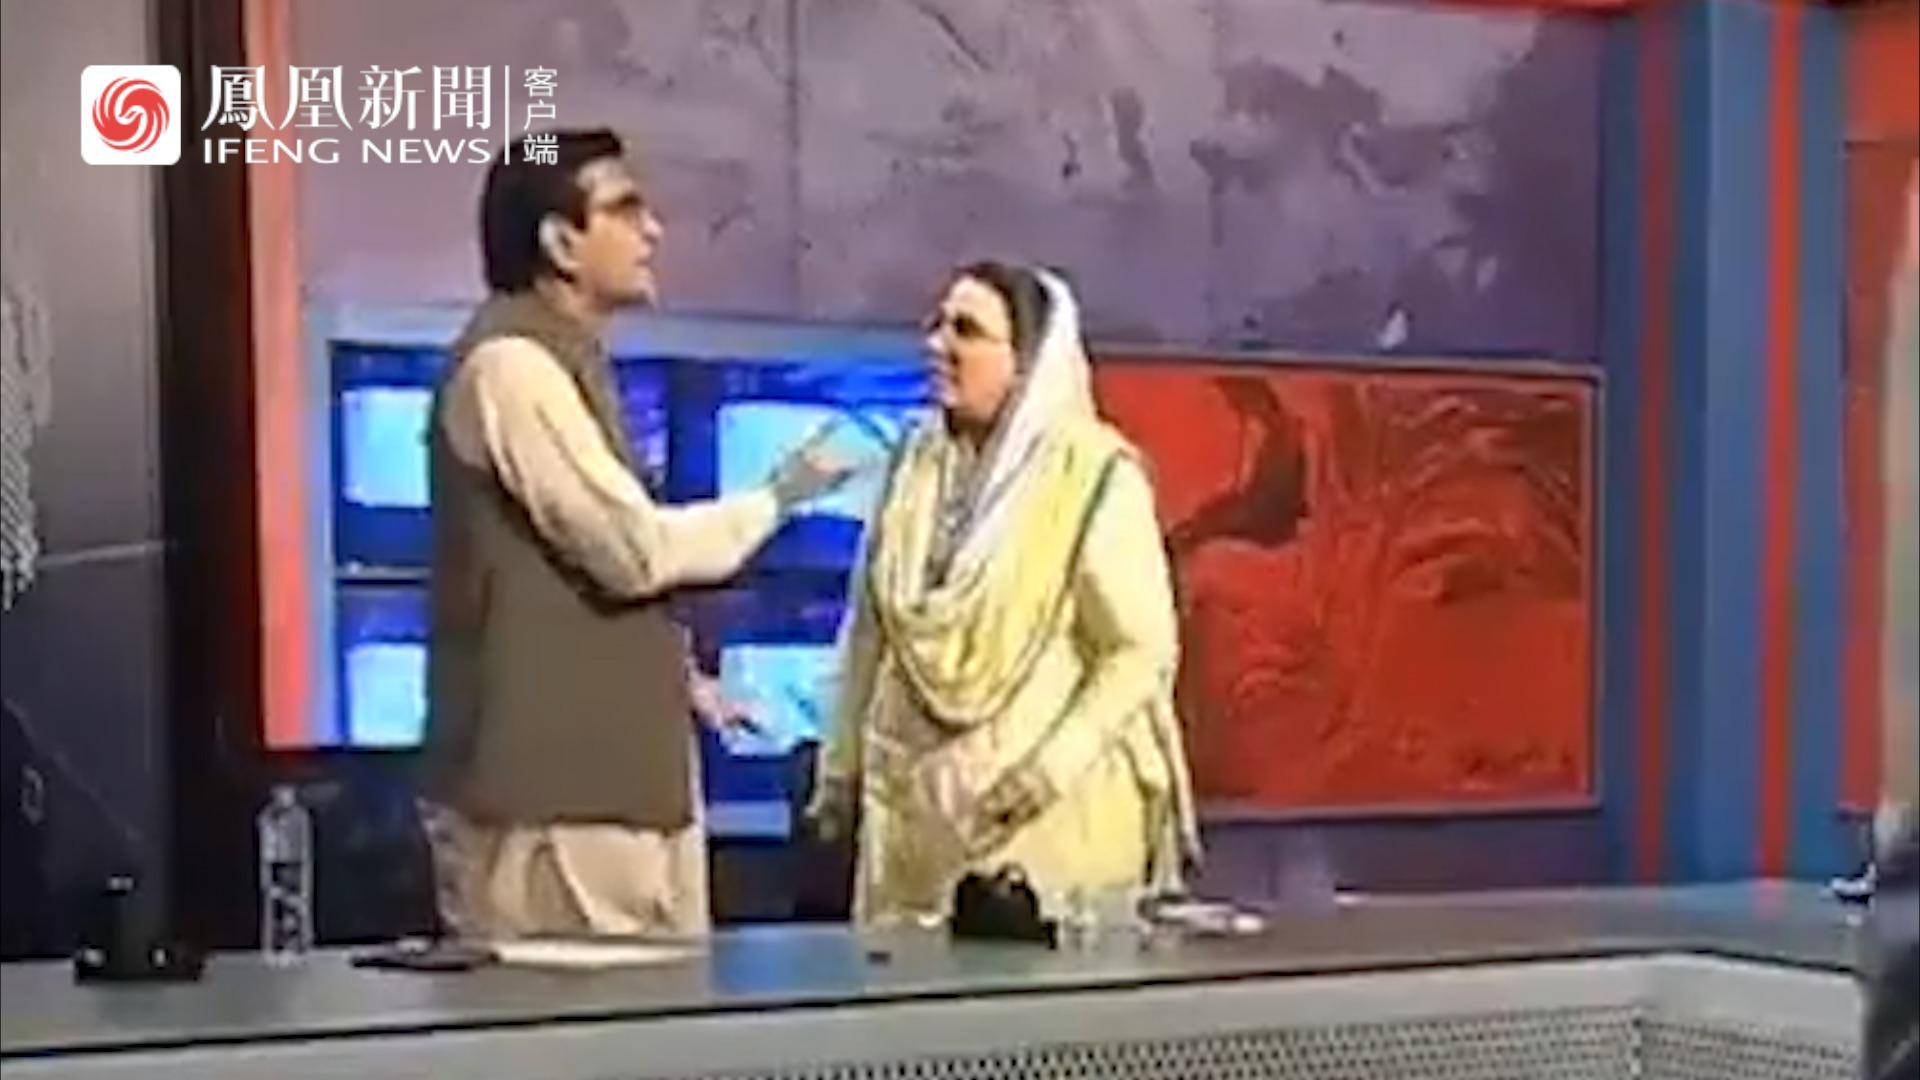 因遭言语冒犯,巴基斯坦女政客节目上掌掴男政客